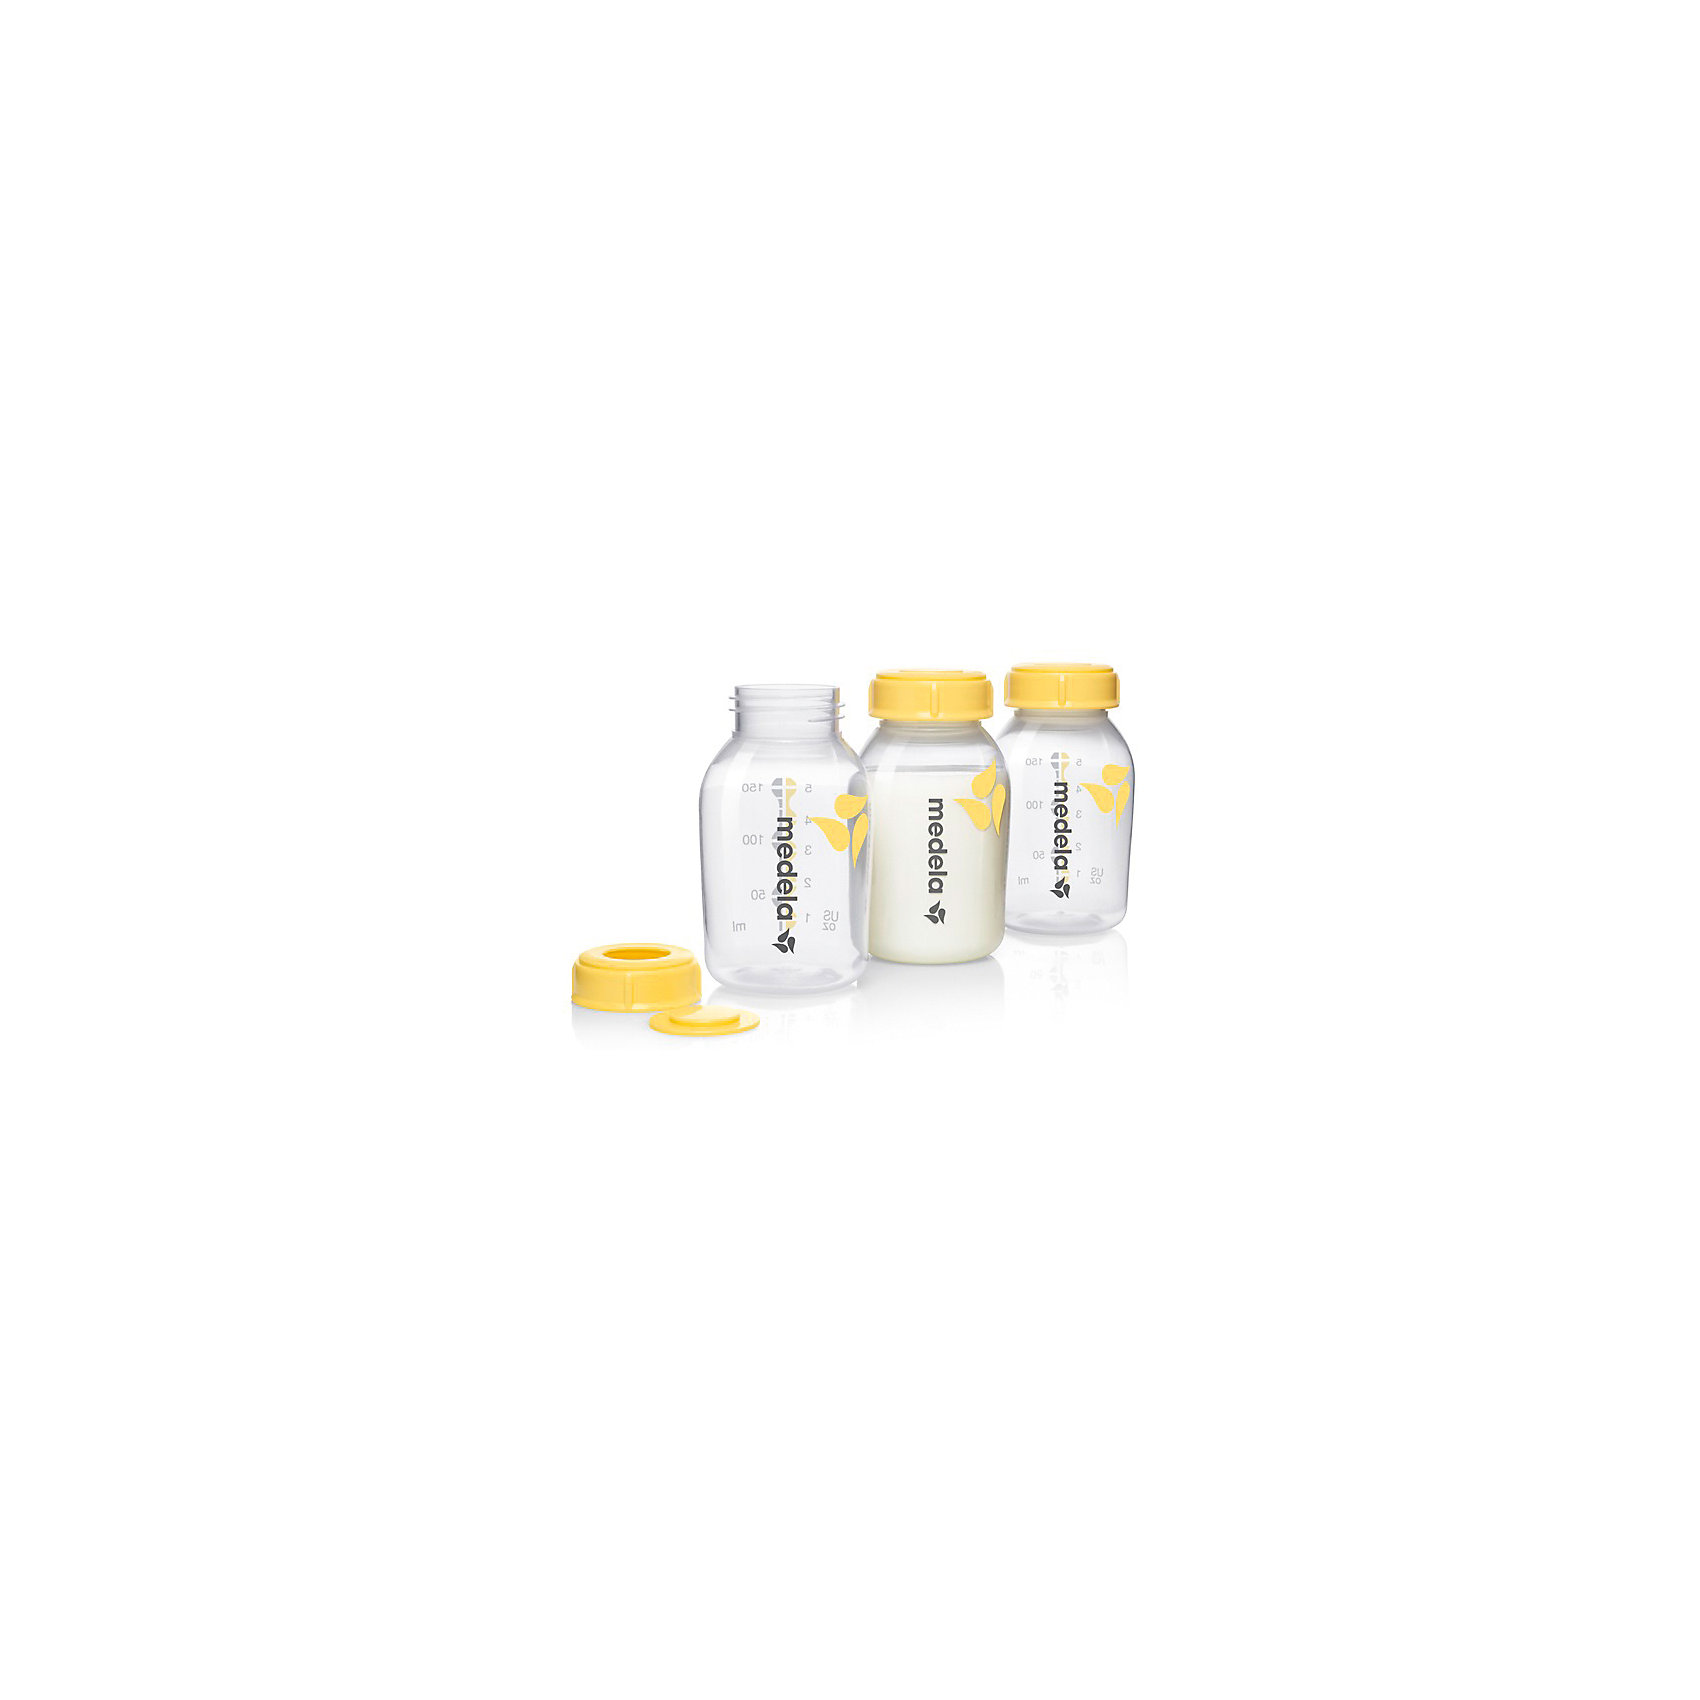 Контейнеры для сбора грудного молока, 150 мл /3 шт, Medela